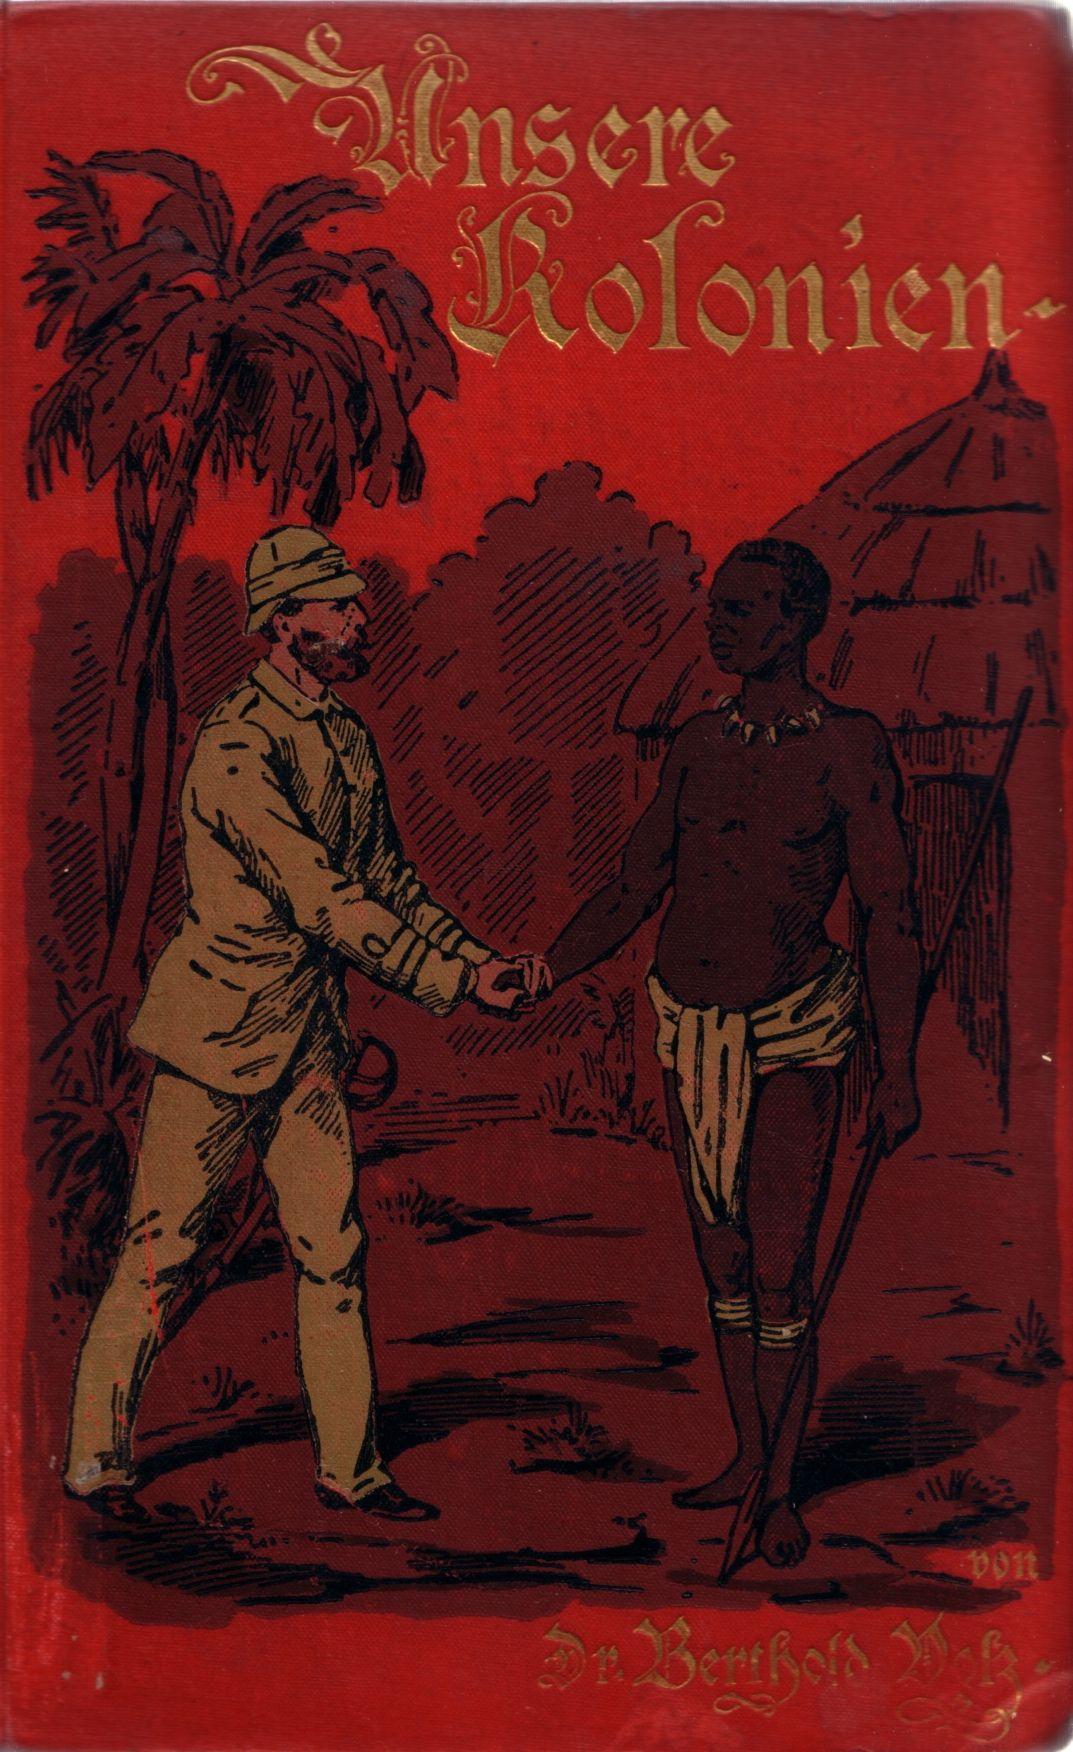 Berthold Volz Unsere Kolonien Land Und Leute 1891 Leipzig F A Brockhaus Https Www Pinterest C Deutschland Kultur Deutsch Sudwestafrika Deutsche Kolonien